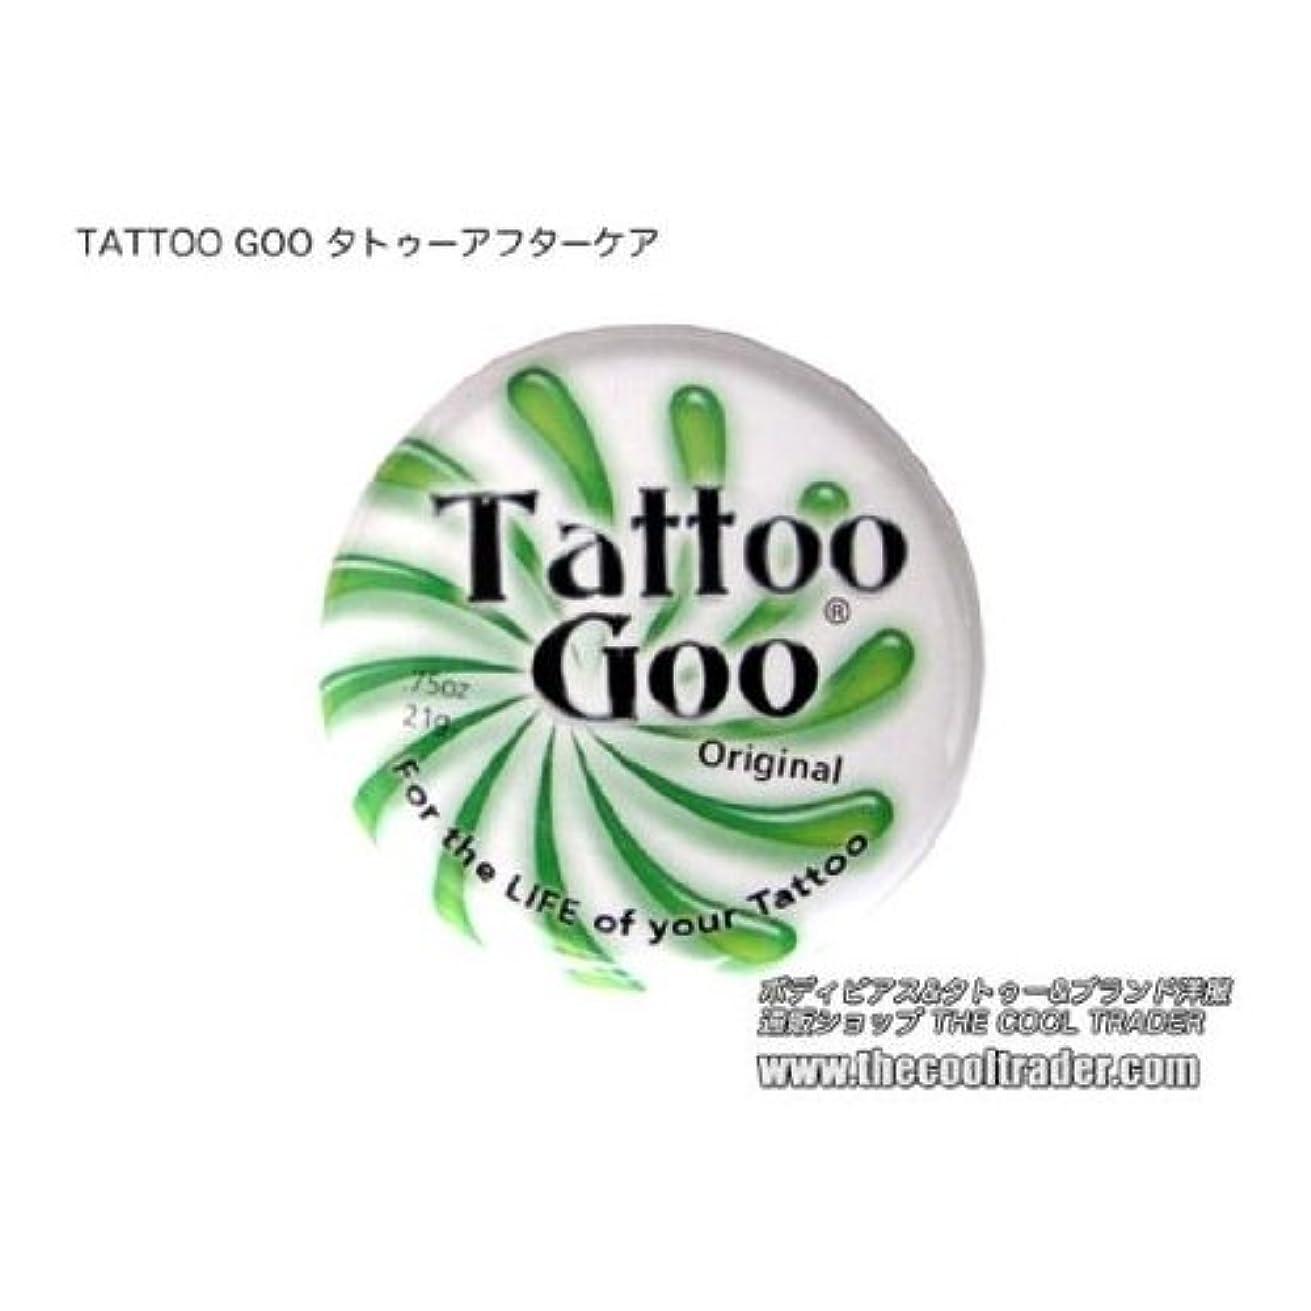 谷ハンディライセンスTATTOO GOO タトゥー&ボディピアス専用アフターケア 軟膏クリーム オリジナル